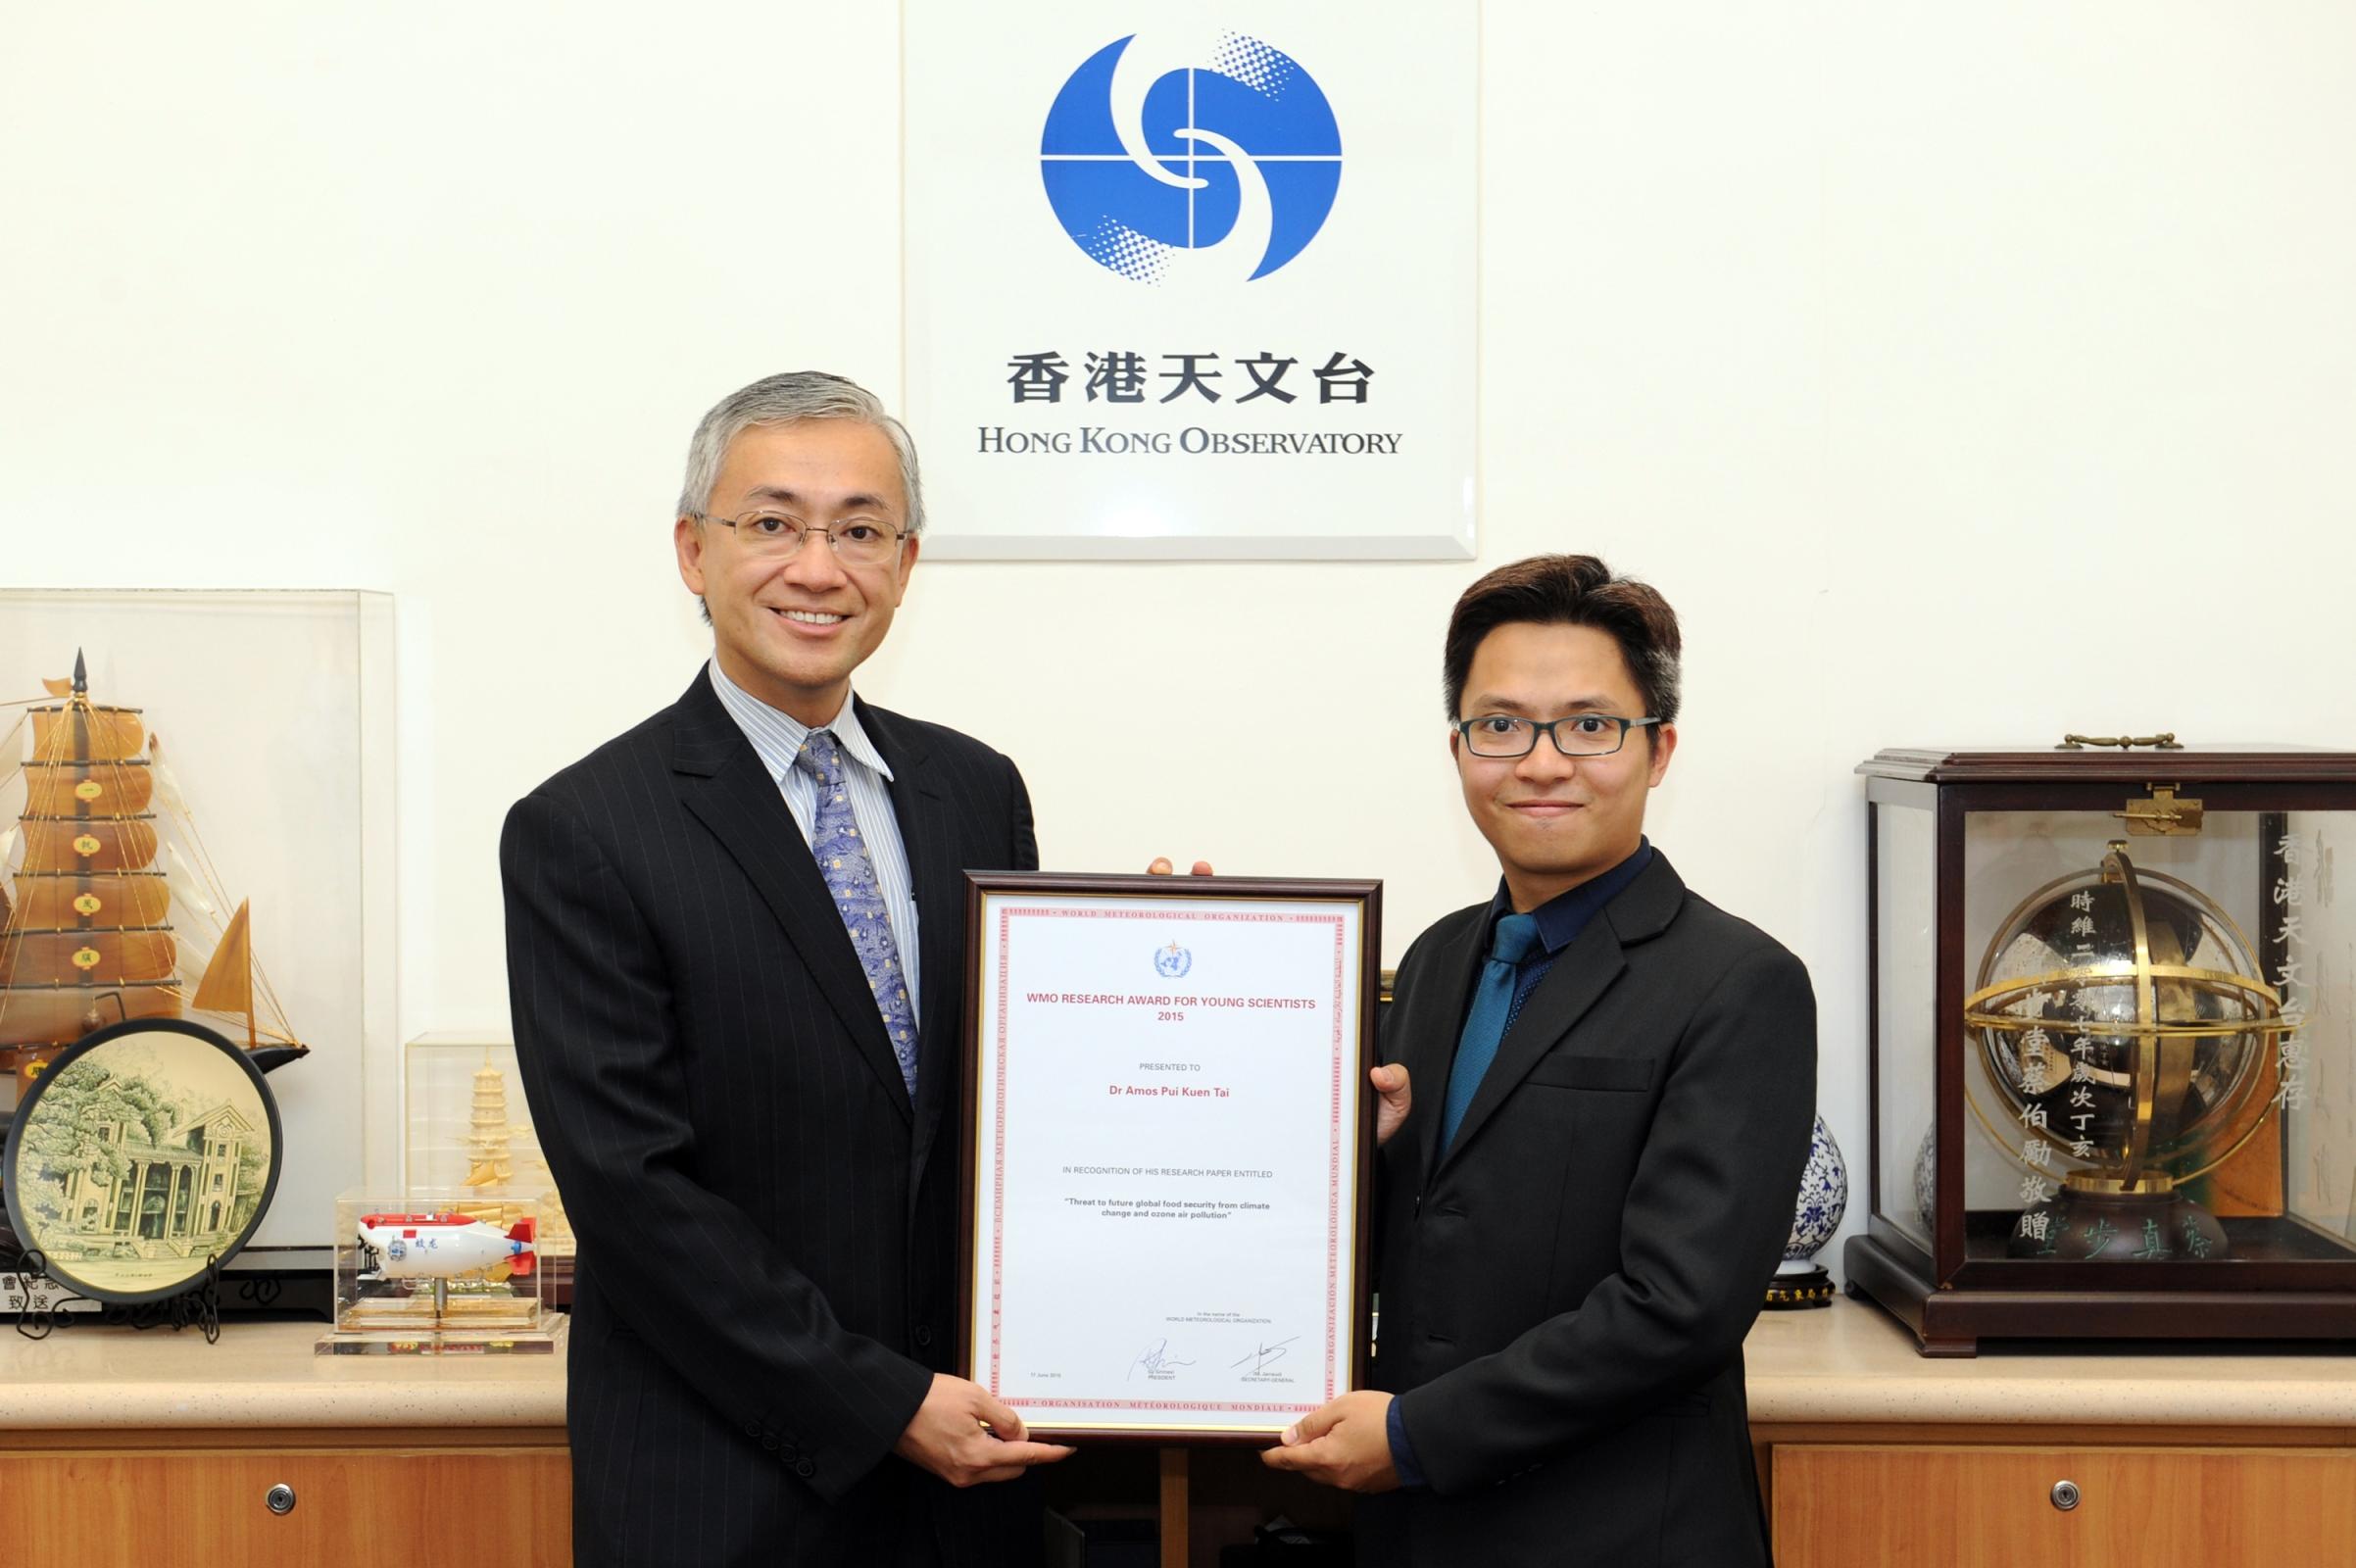 香港天文台台長及世界氣象組織中國香港常駐代表岑智明先生(左)頒發聯合國2015年度「世界氣象組織青年科學家研究獎」予中大地球系統科學課程助理教授戴沛權教授。